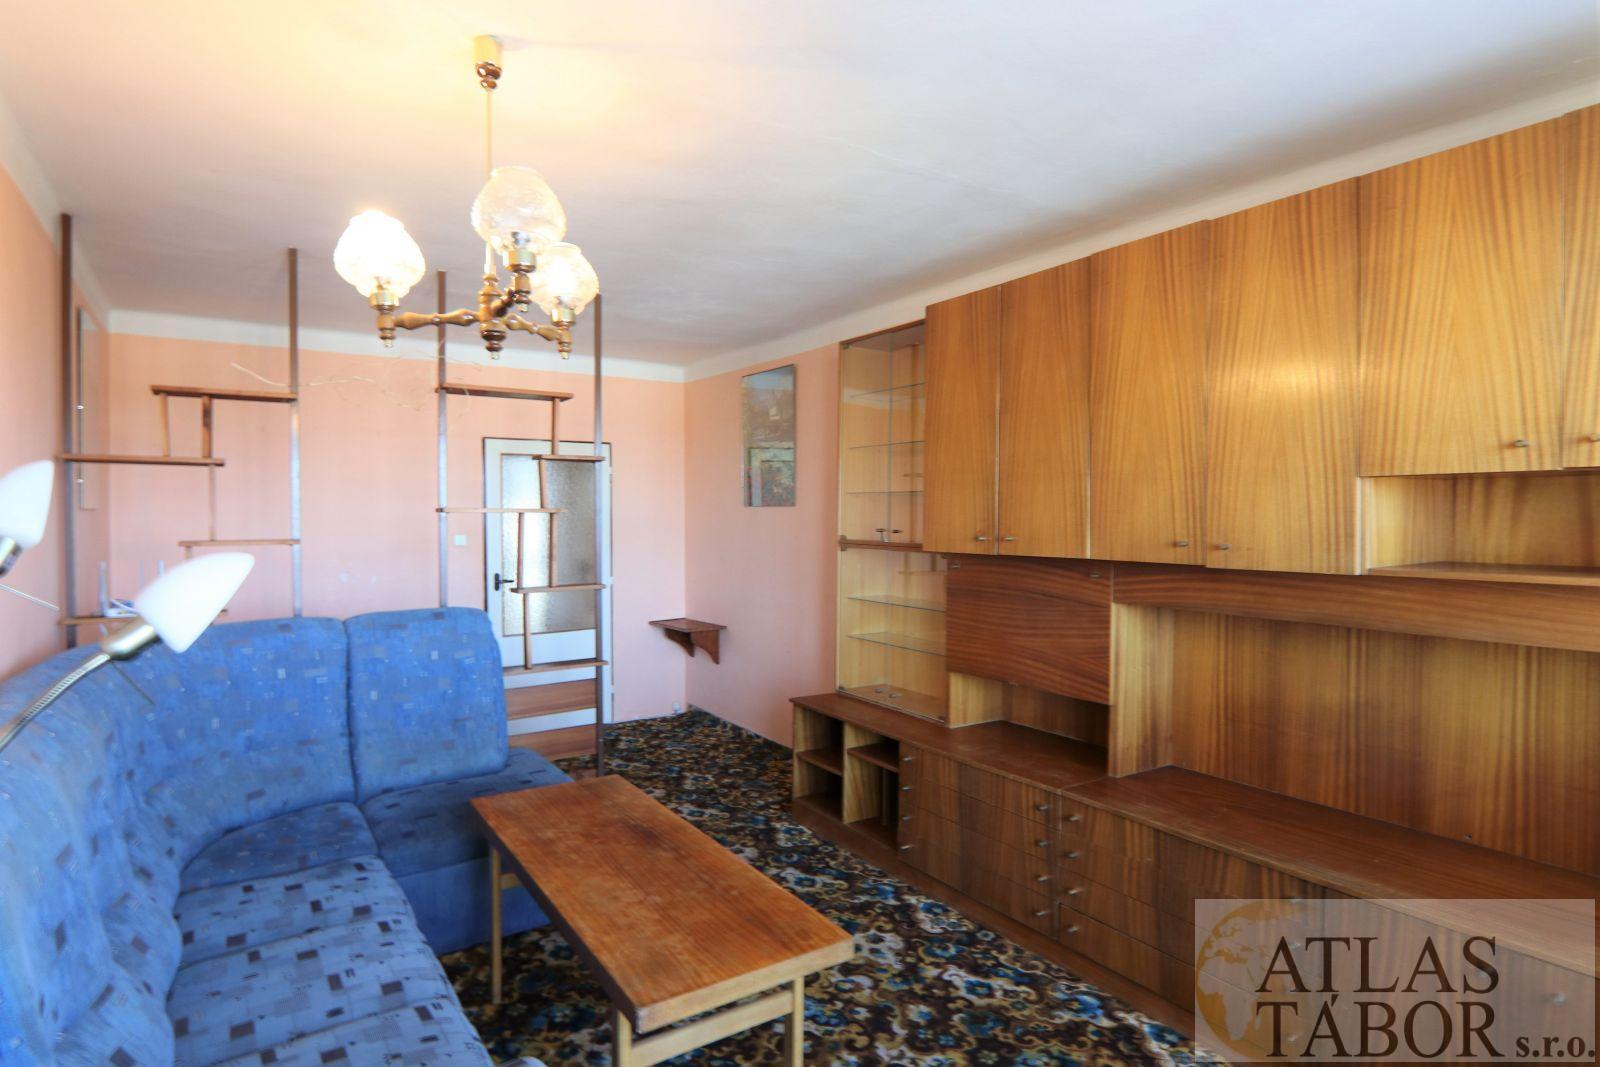 Pronájem bytu 3+1 v Táboře -PRONAJATO